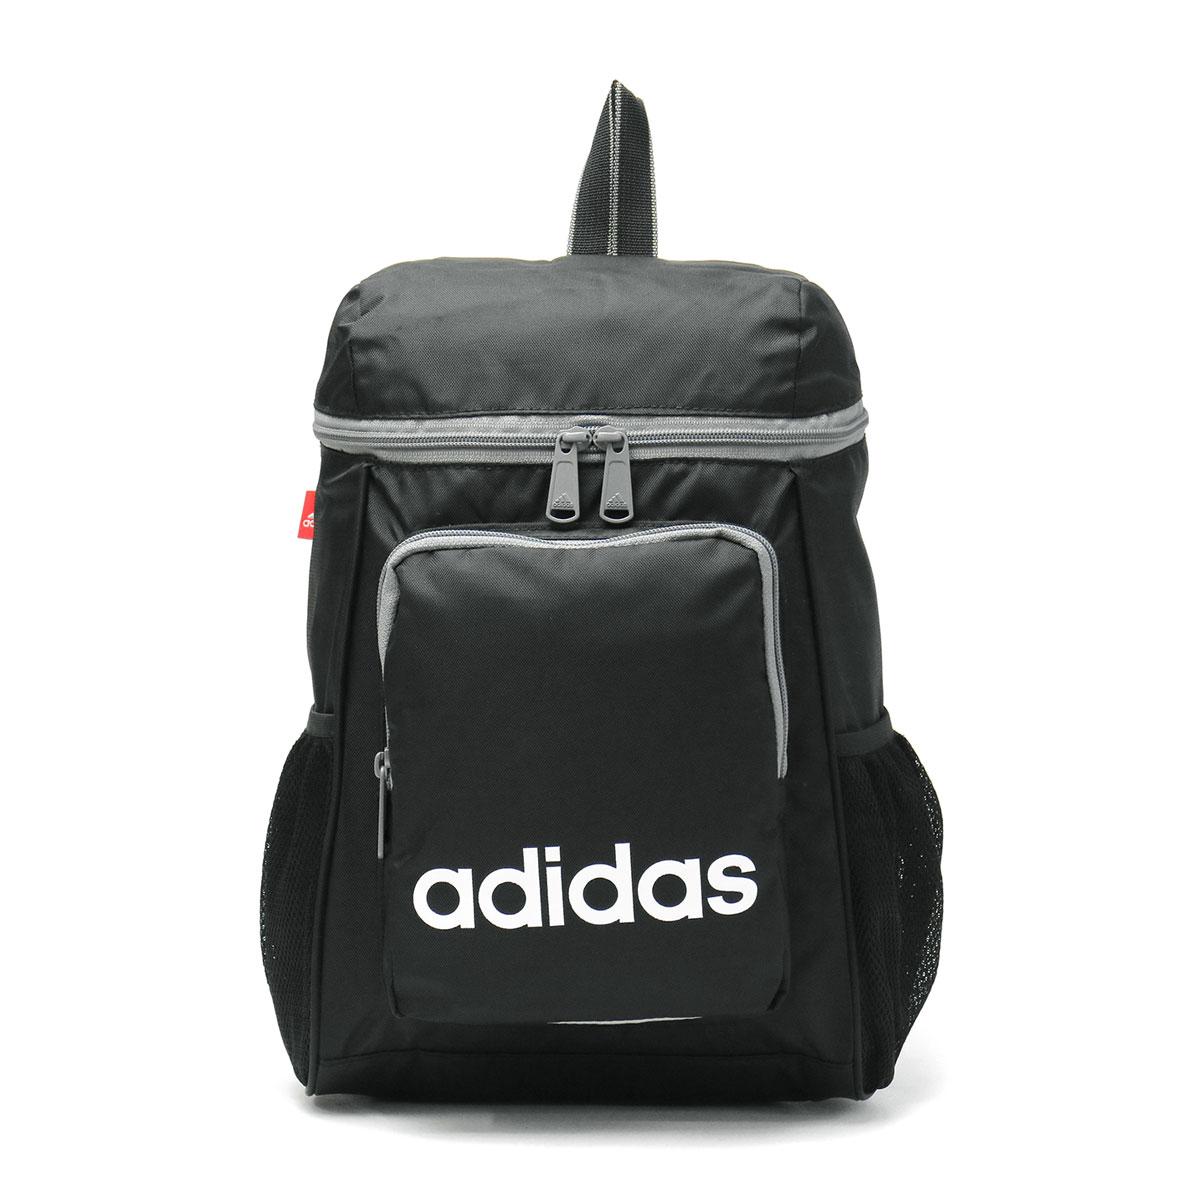 c14b5fc2f031 アディダス リュック adidas キッズ リュックサック スクールバッグ ...